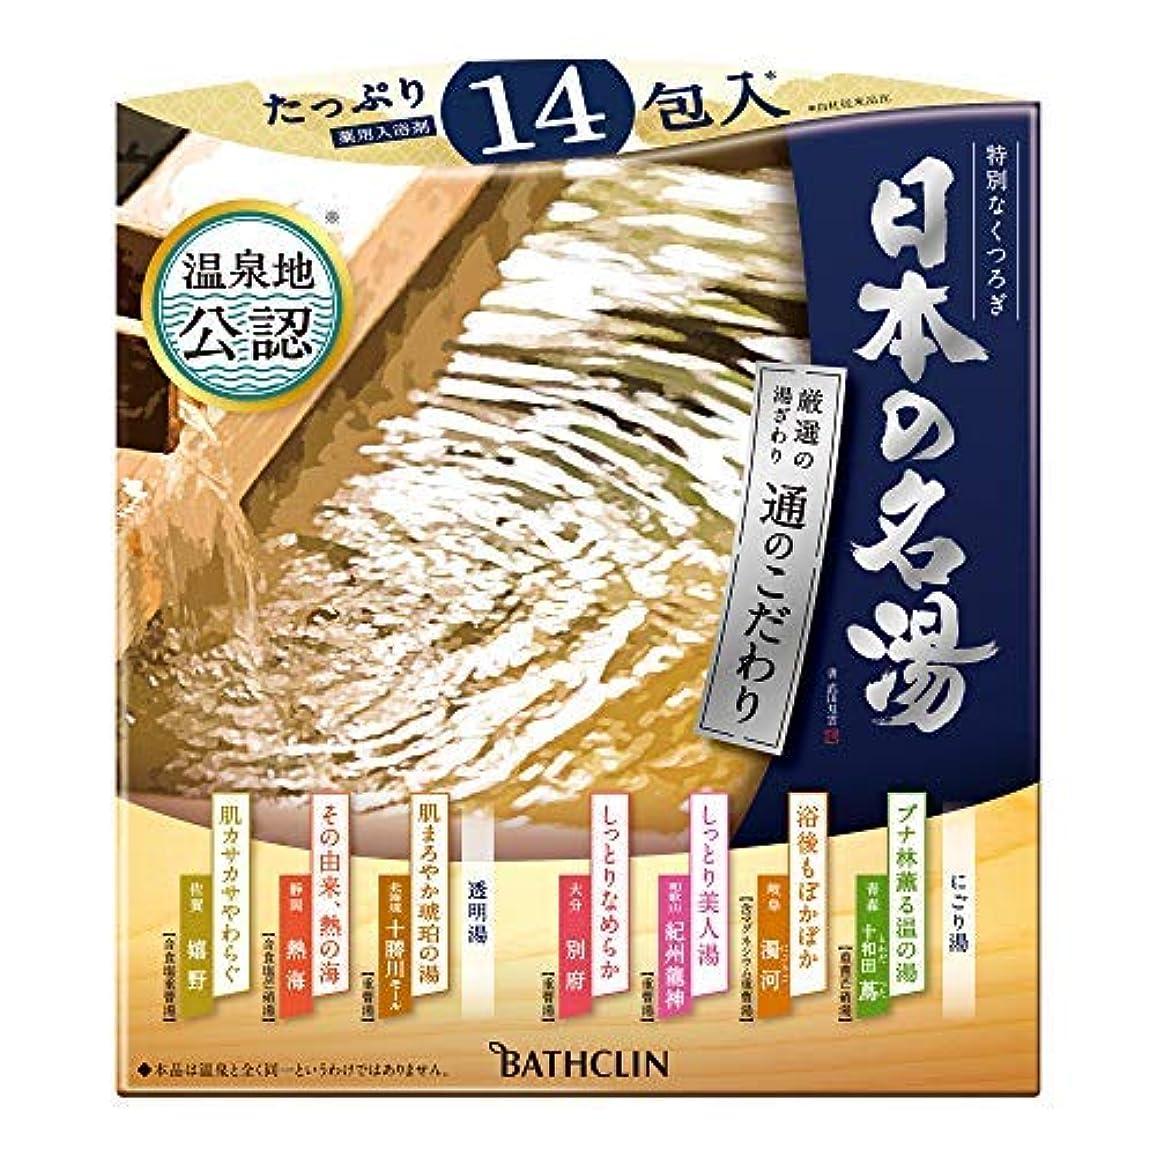 冷える運動マスク日本の名湯 通のこだわり 30g×14包 × 10個セット